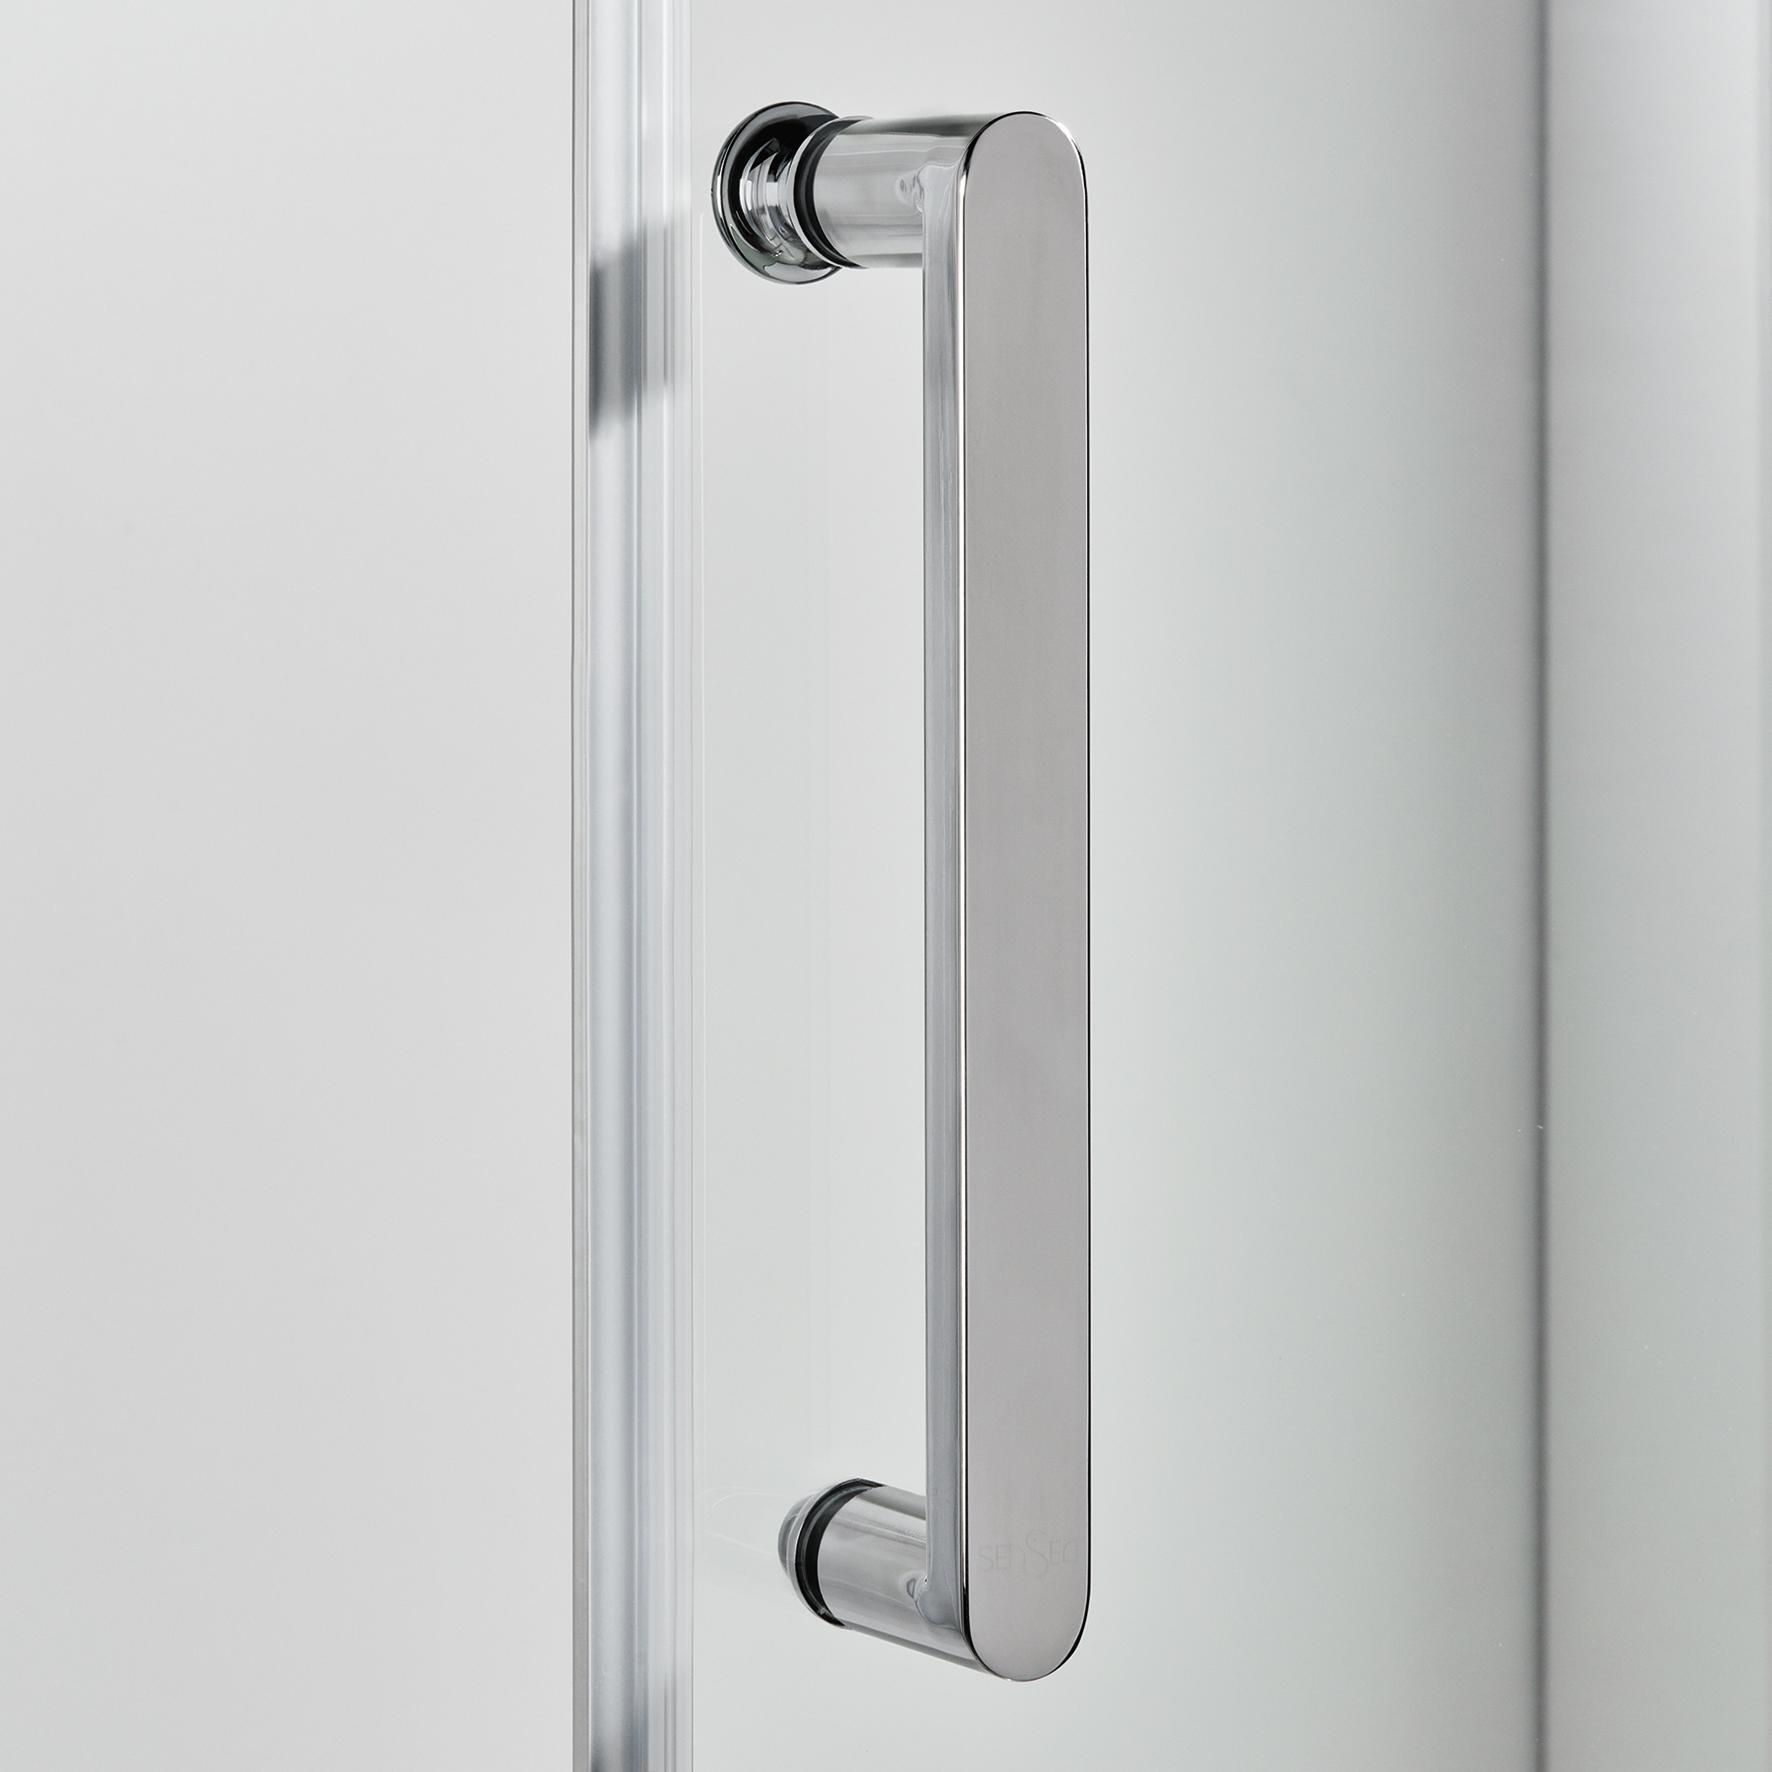 Box doccia quadrato scorrevole Quad 80 x 100 cm, H 190 cm in vetro temprato, spessore 6 mm trasparente argento - 5